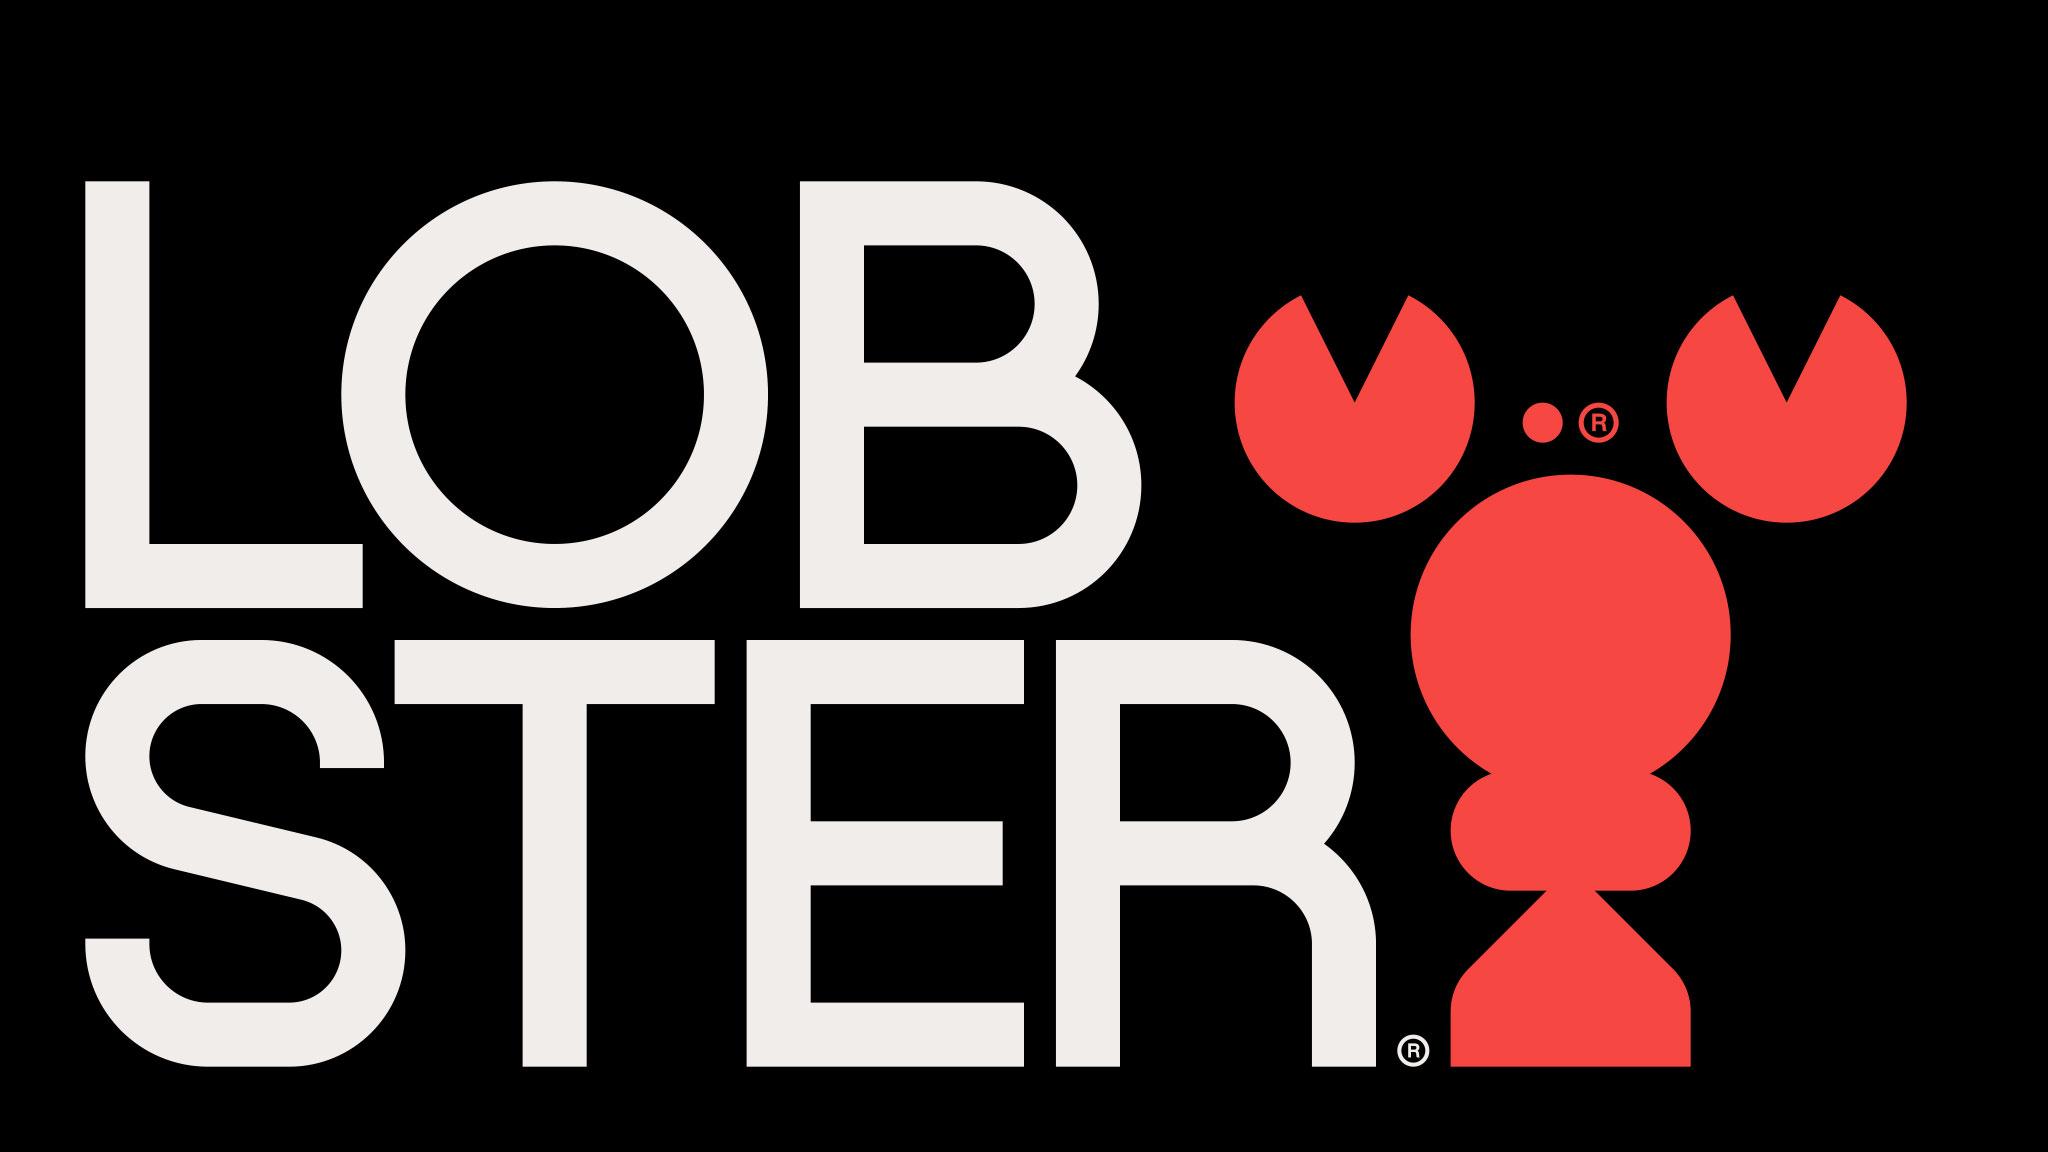 LOBSTER_02